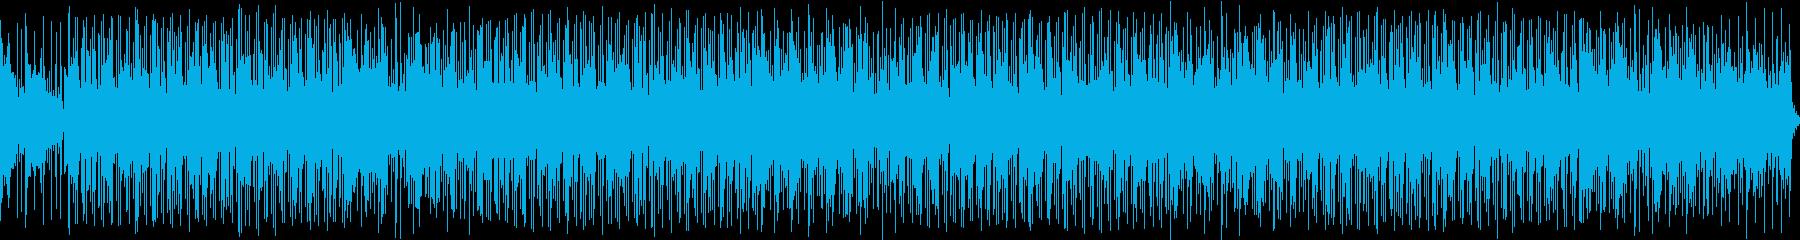 飽和した蒸気のリズミカルなギターsr。の再生済みの波形